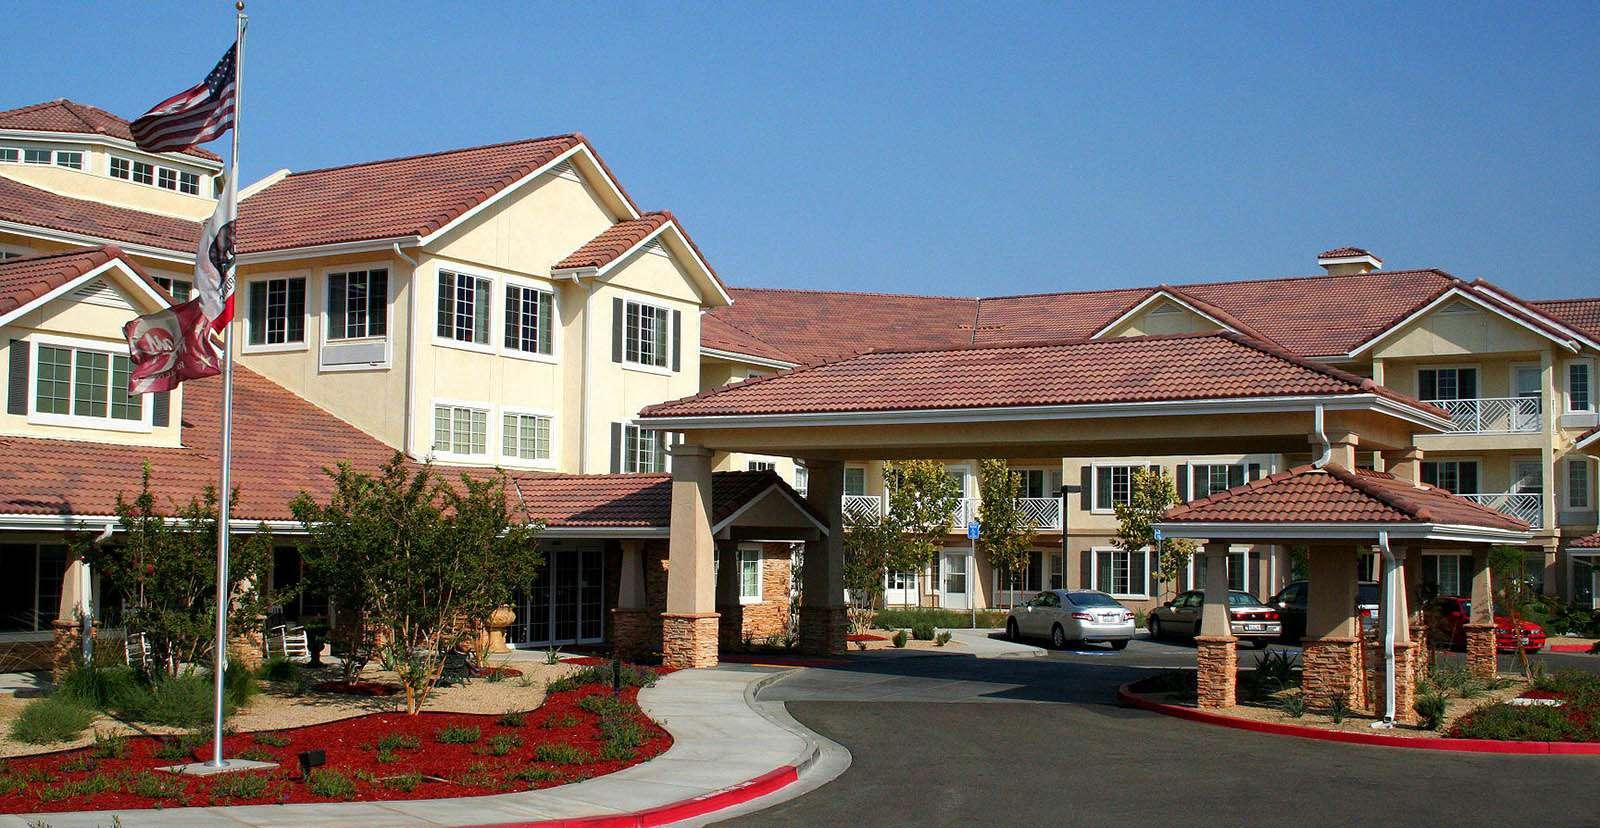 Rancho Village image 10